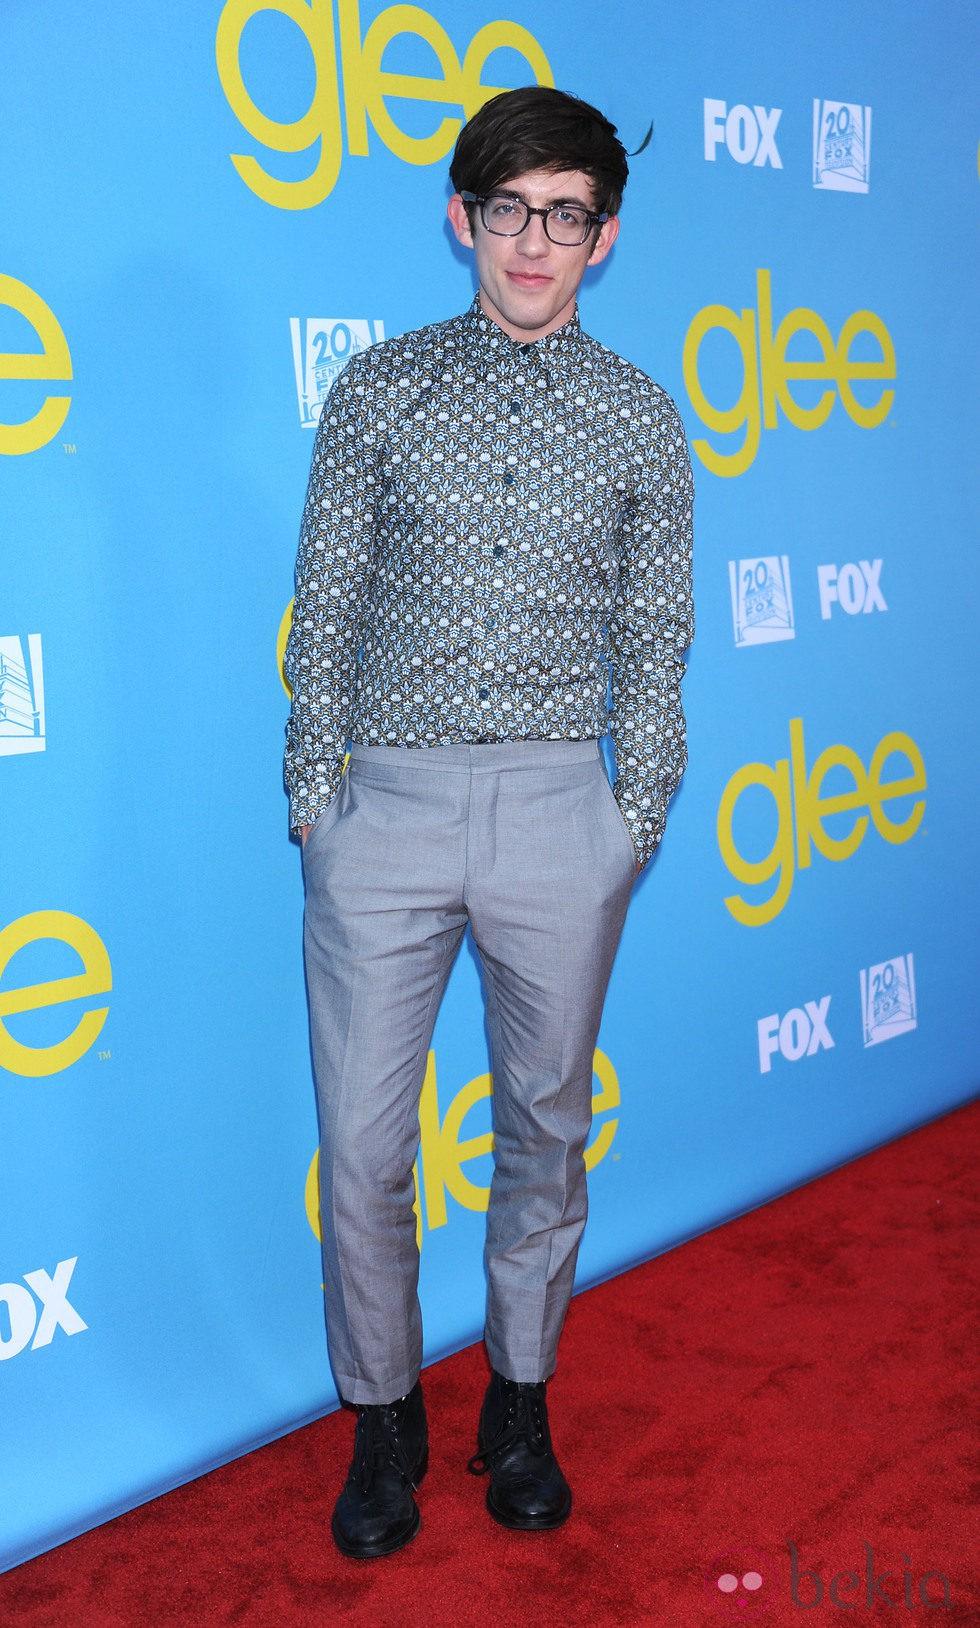 Kevin McHale en la fiesta de 'Glee' organizada por Fox